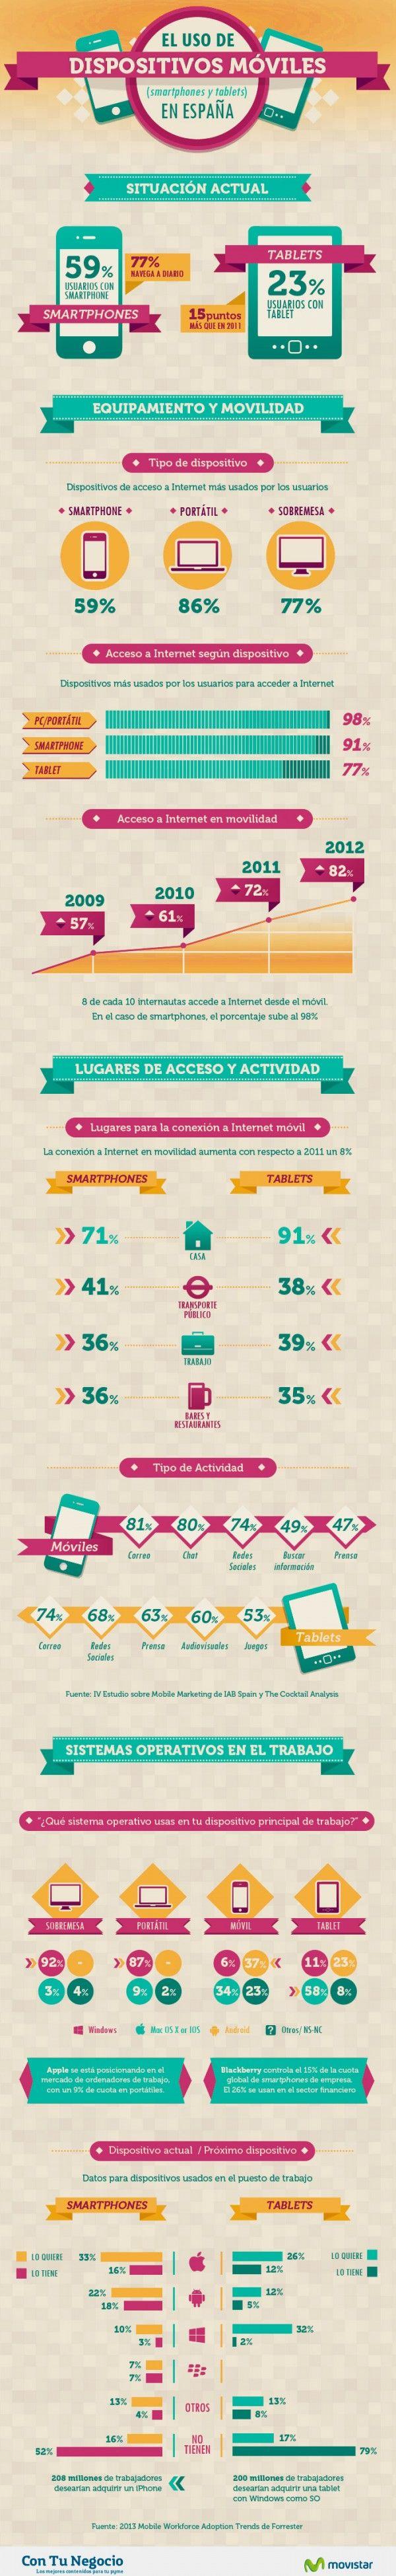 El uso de dispositivos móviles en España